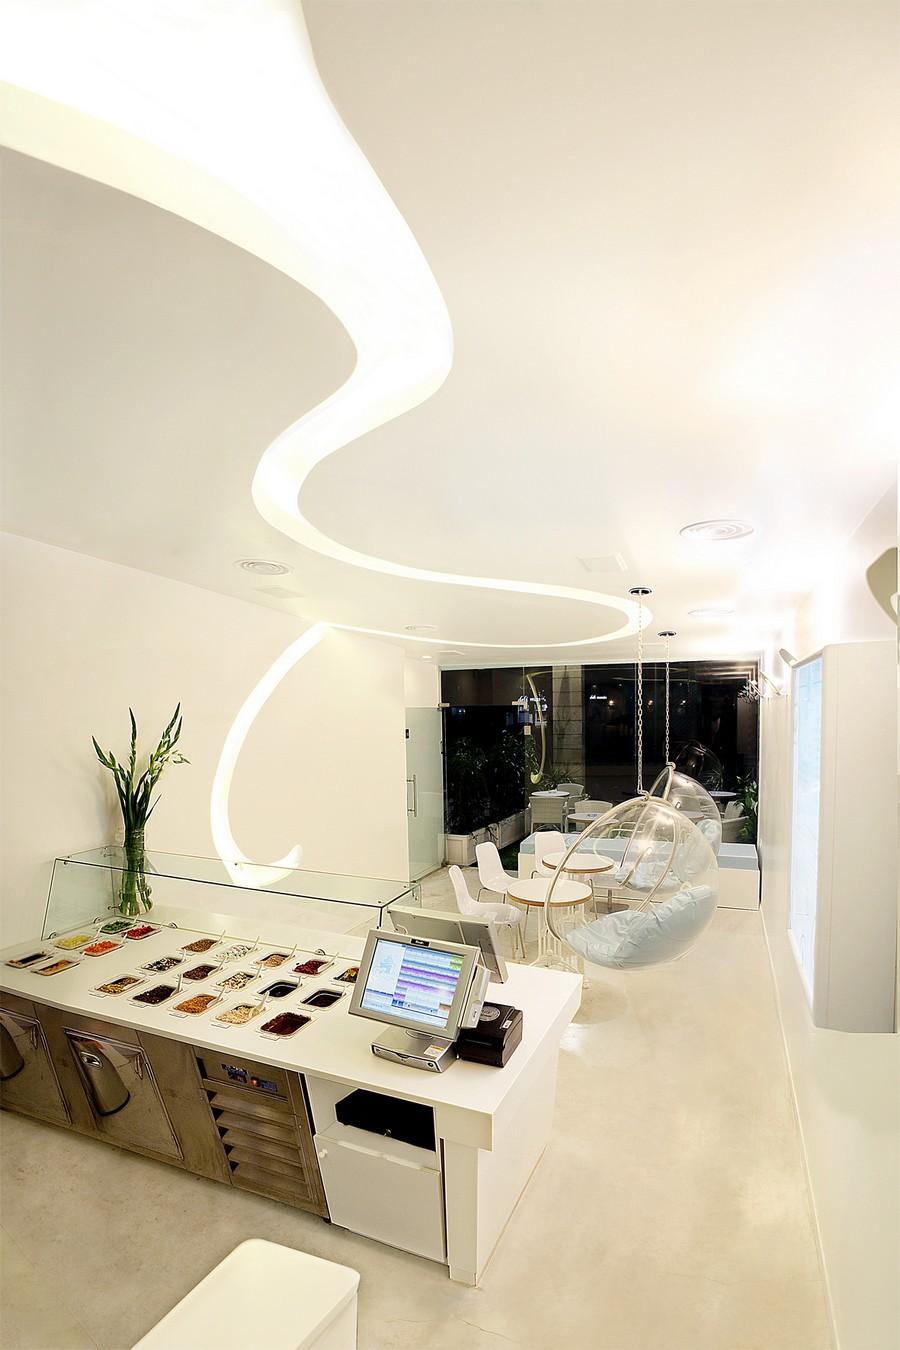 Визуальные приемы расширения пространства в дизайне нового йогурт-бара в Израиле